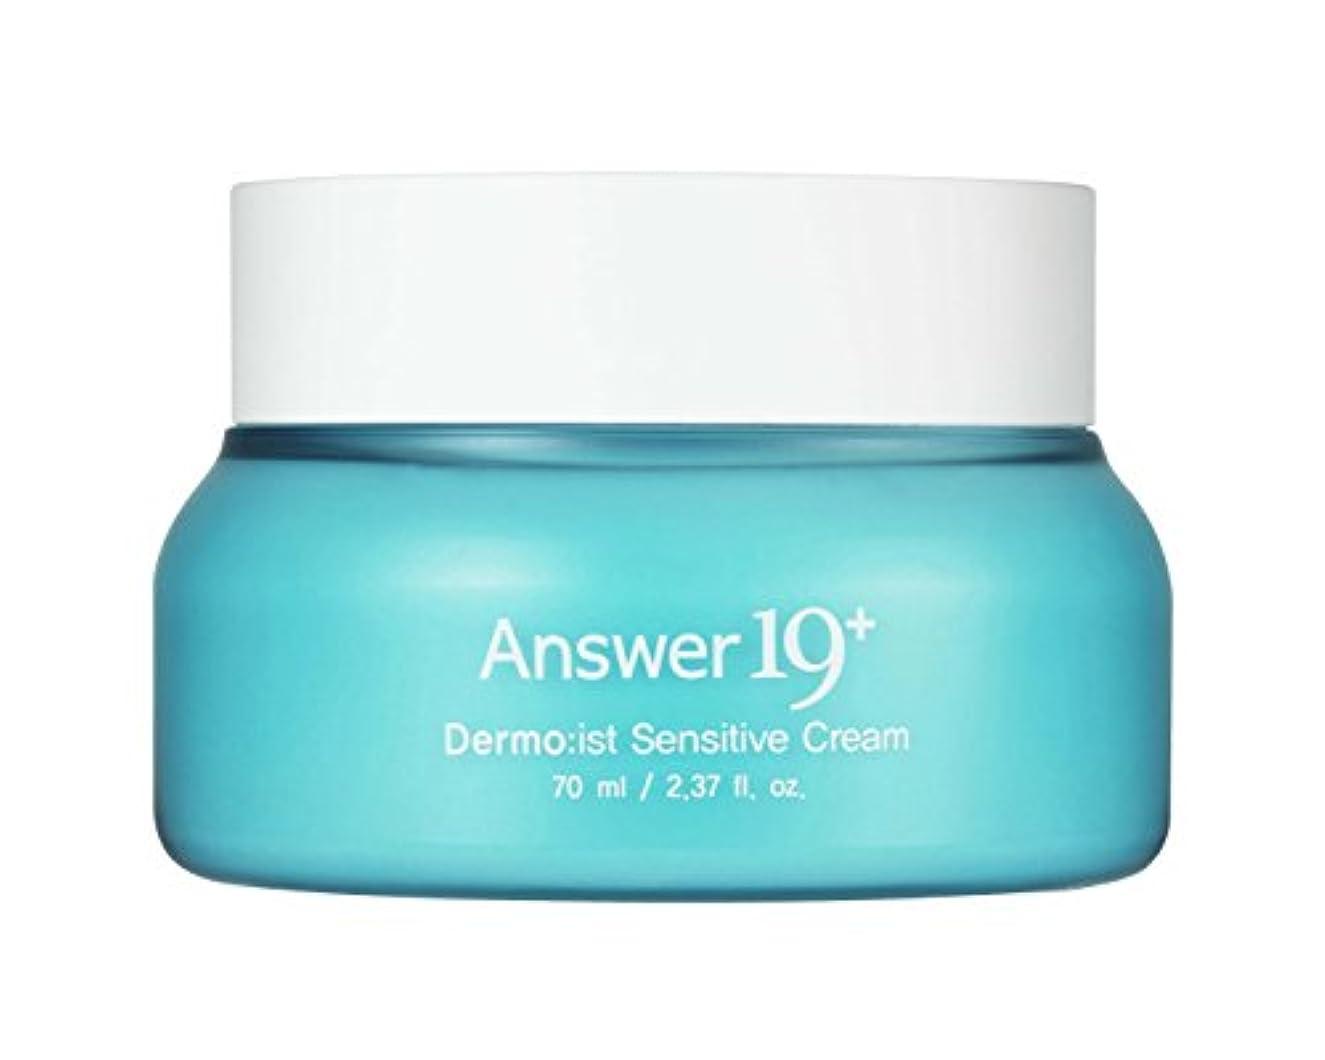 ママ横あたり[ANSWER NINETEEN +] 感受性クリーム - 敏感肌のための深いモイスチャライジング、鎮静効果。 天然スーパーフード成分、パンテノール(ビタミンB5)、ベータグルカン、ヒアルロン酸、70ml